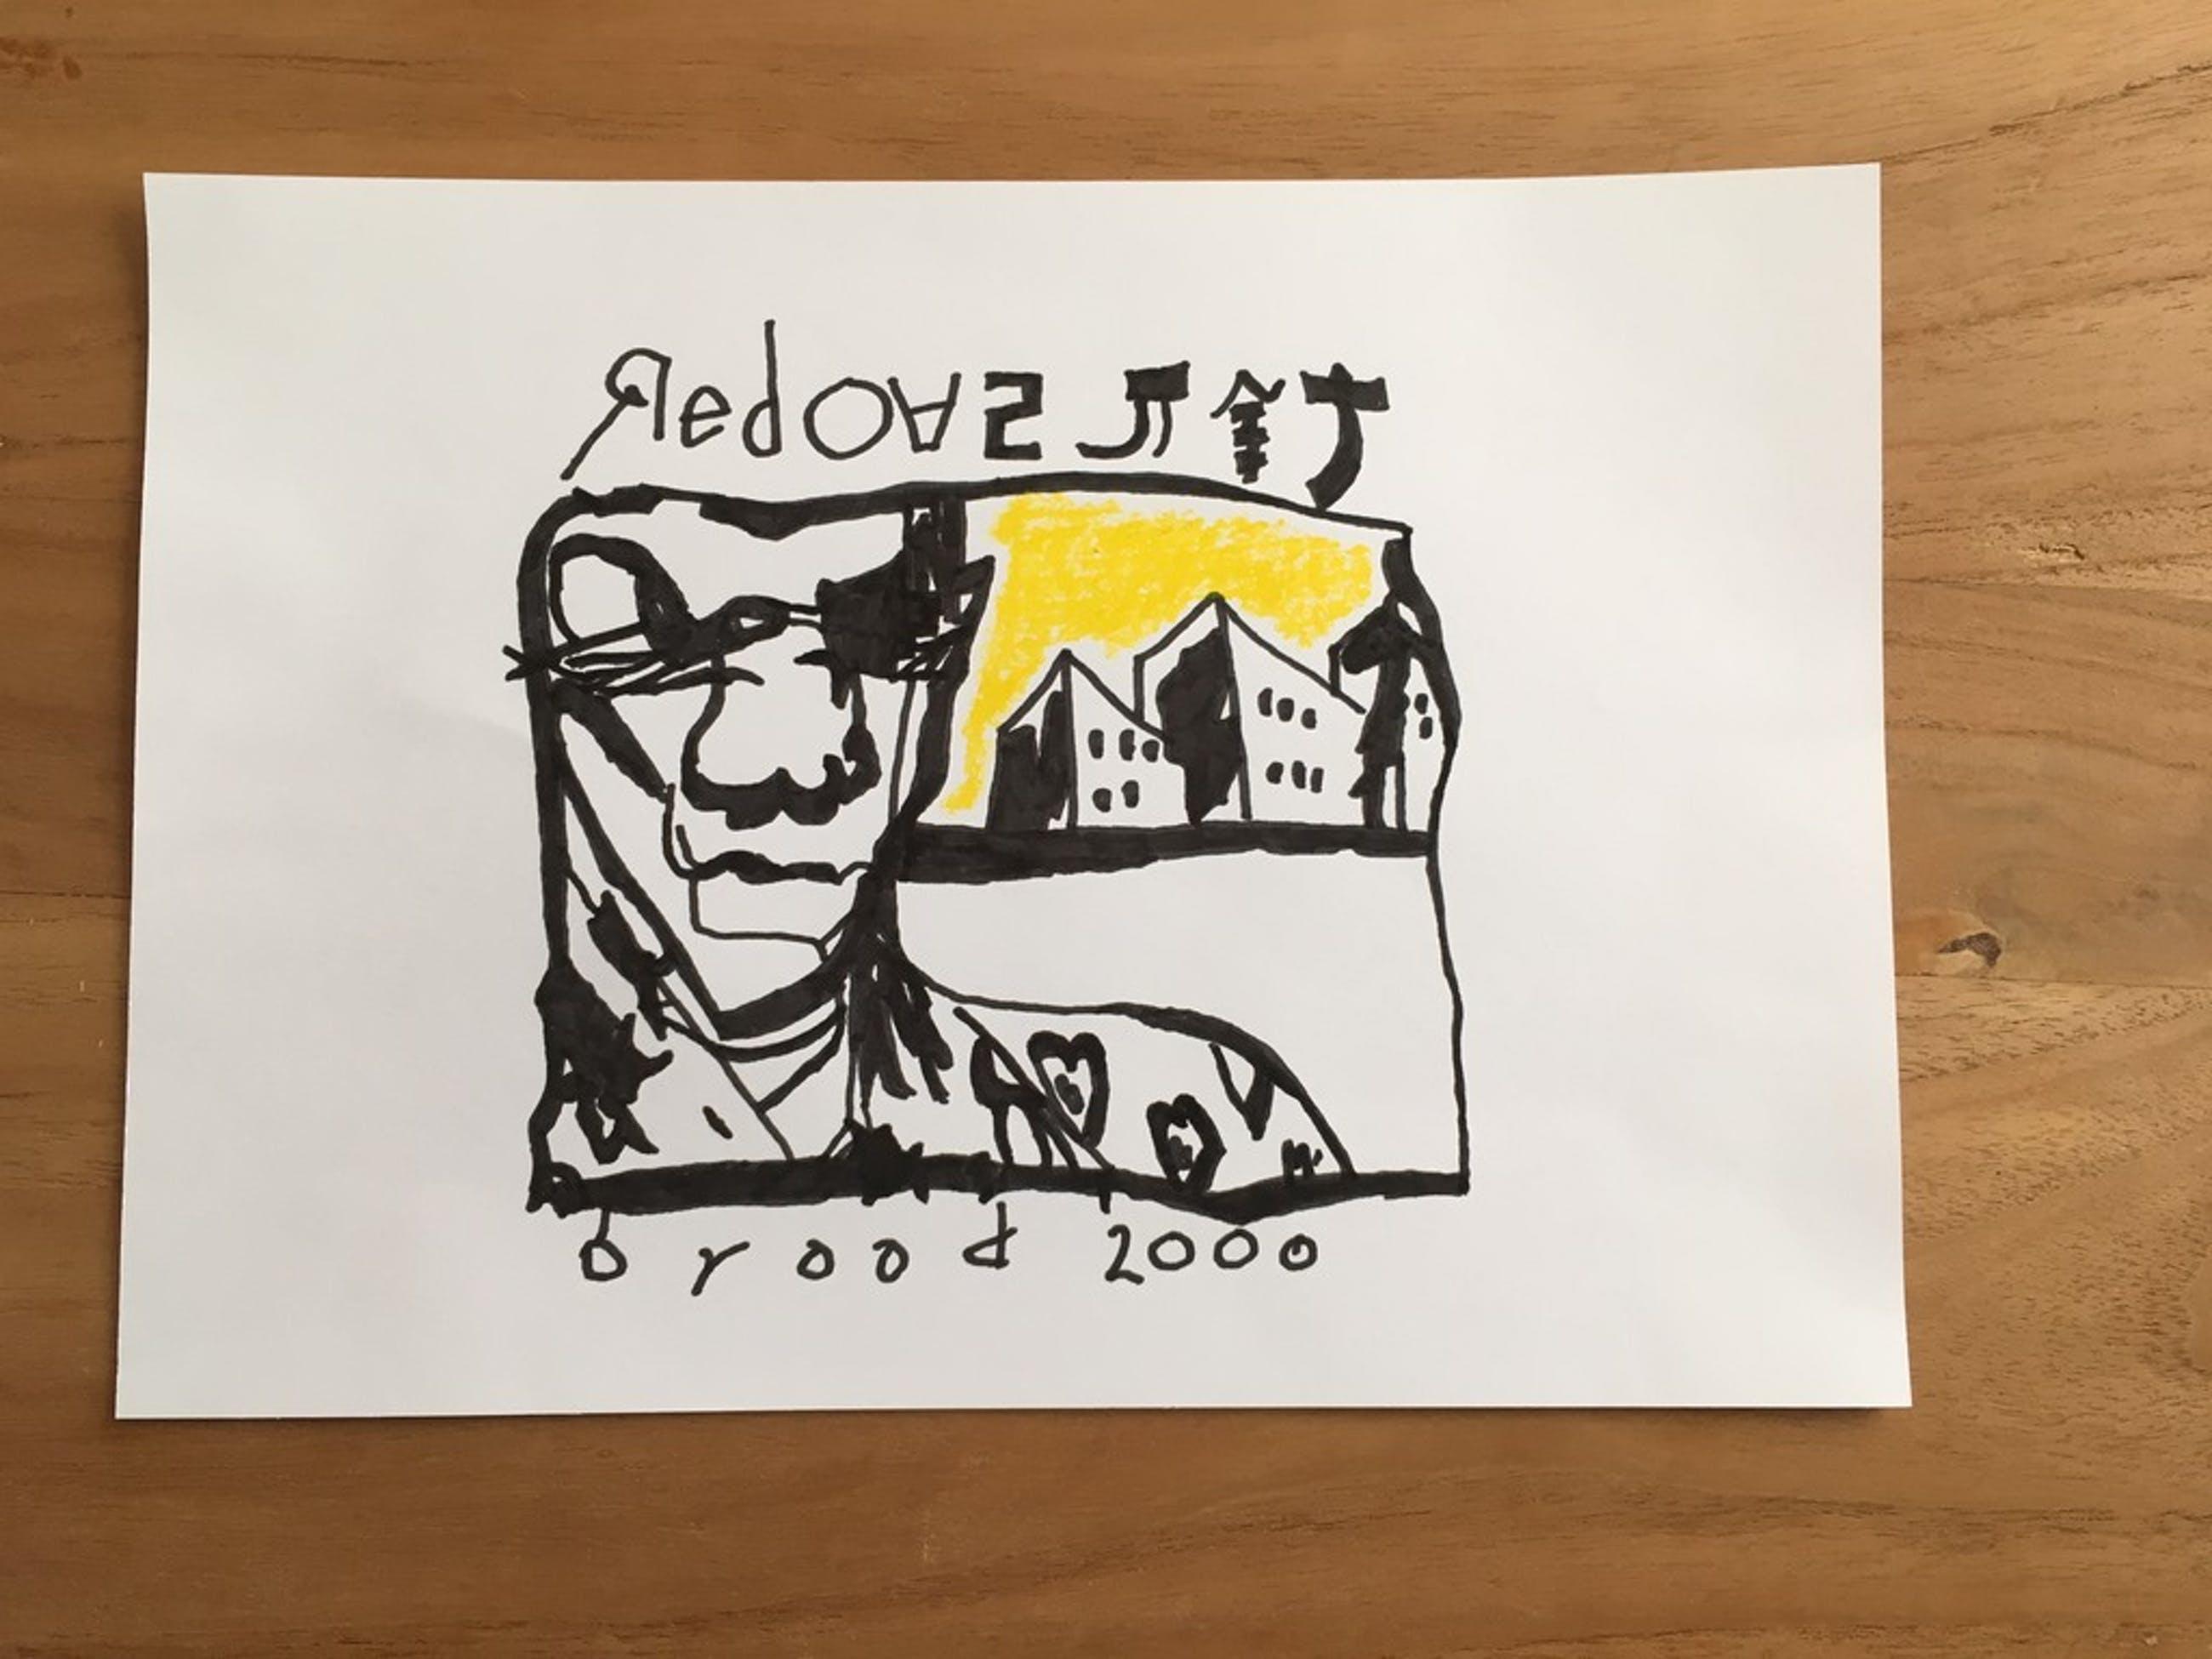 Herman Brood -Stift tekening- No Title kopen? Bied vanaf 100!